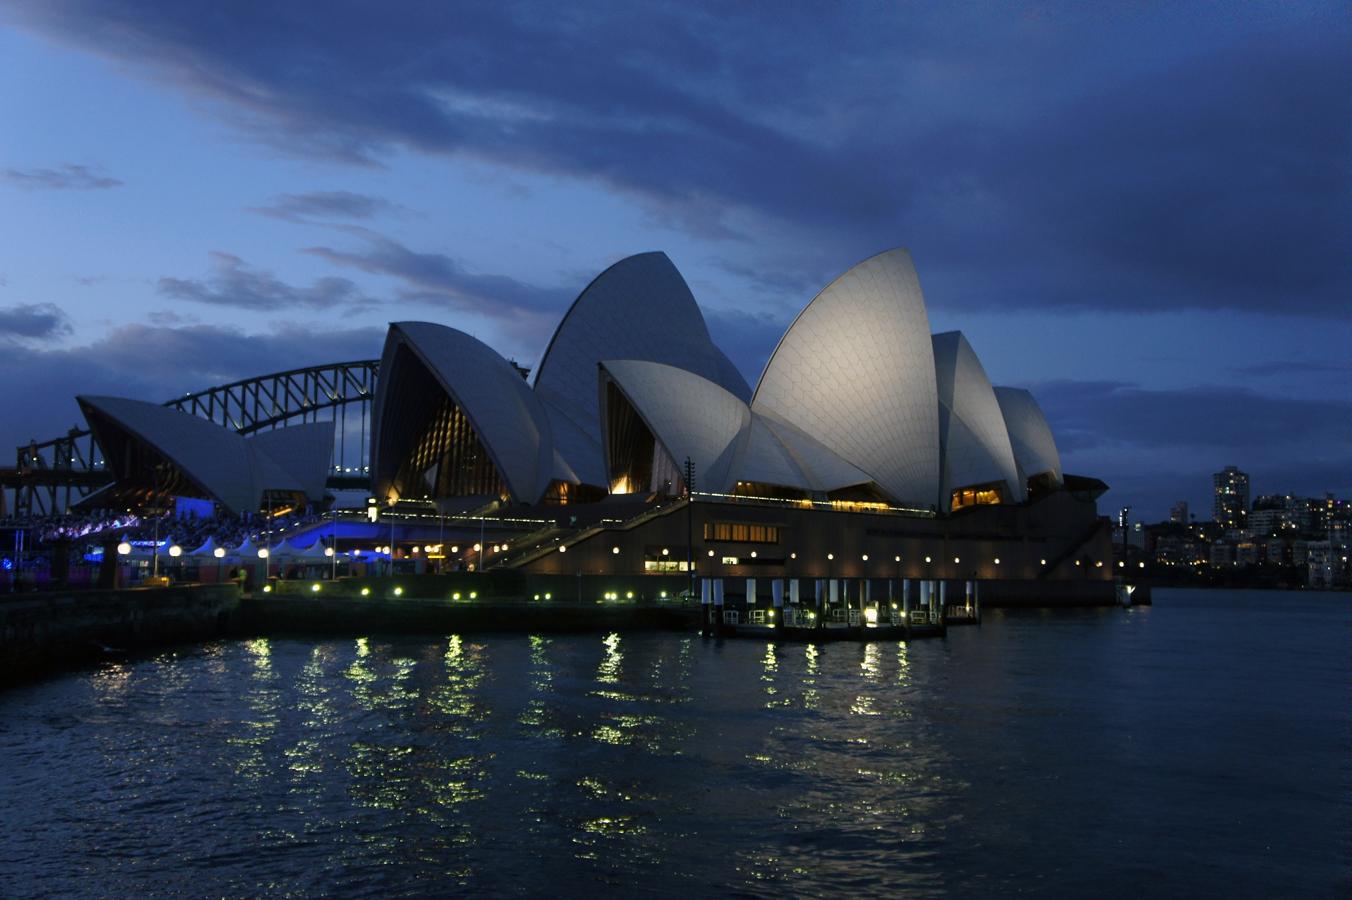 Die berühmte Oper von Sydney bei Nacht.